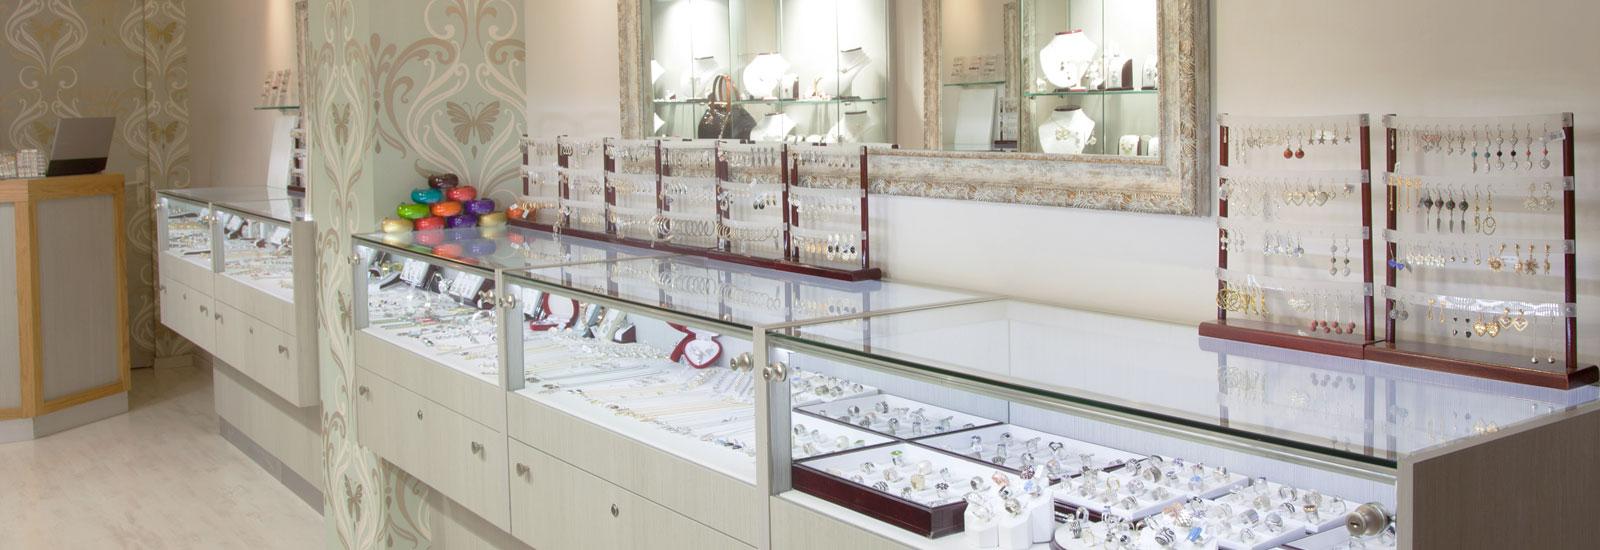 מעצבת חנויות תכשיטים, עיצוב פנים לחנות תכשיטים, עיצוב חנויות תכשיטים